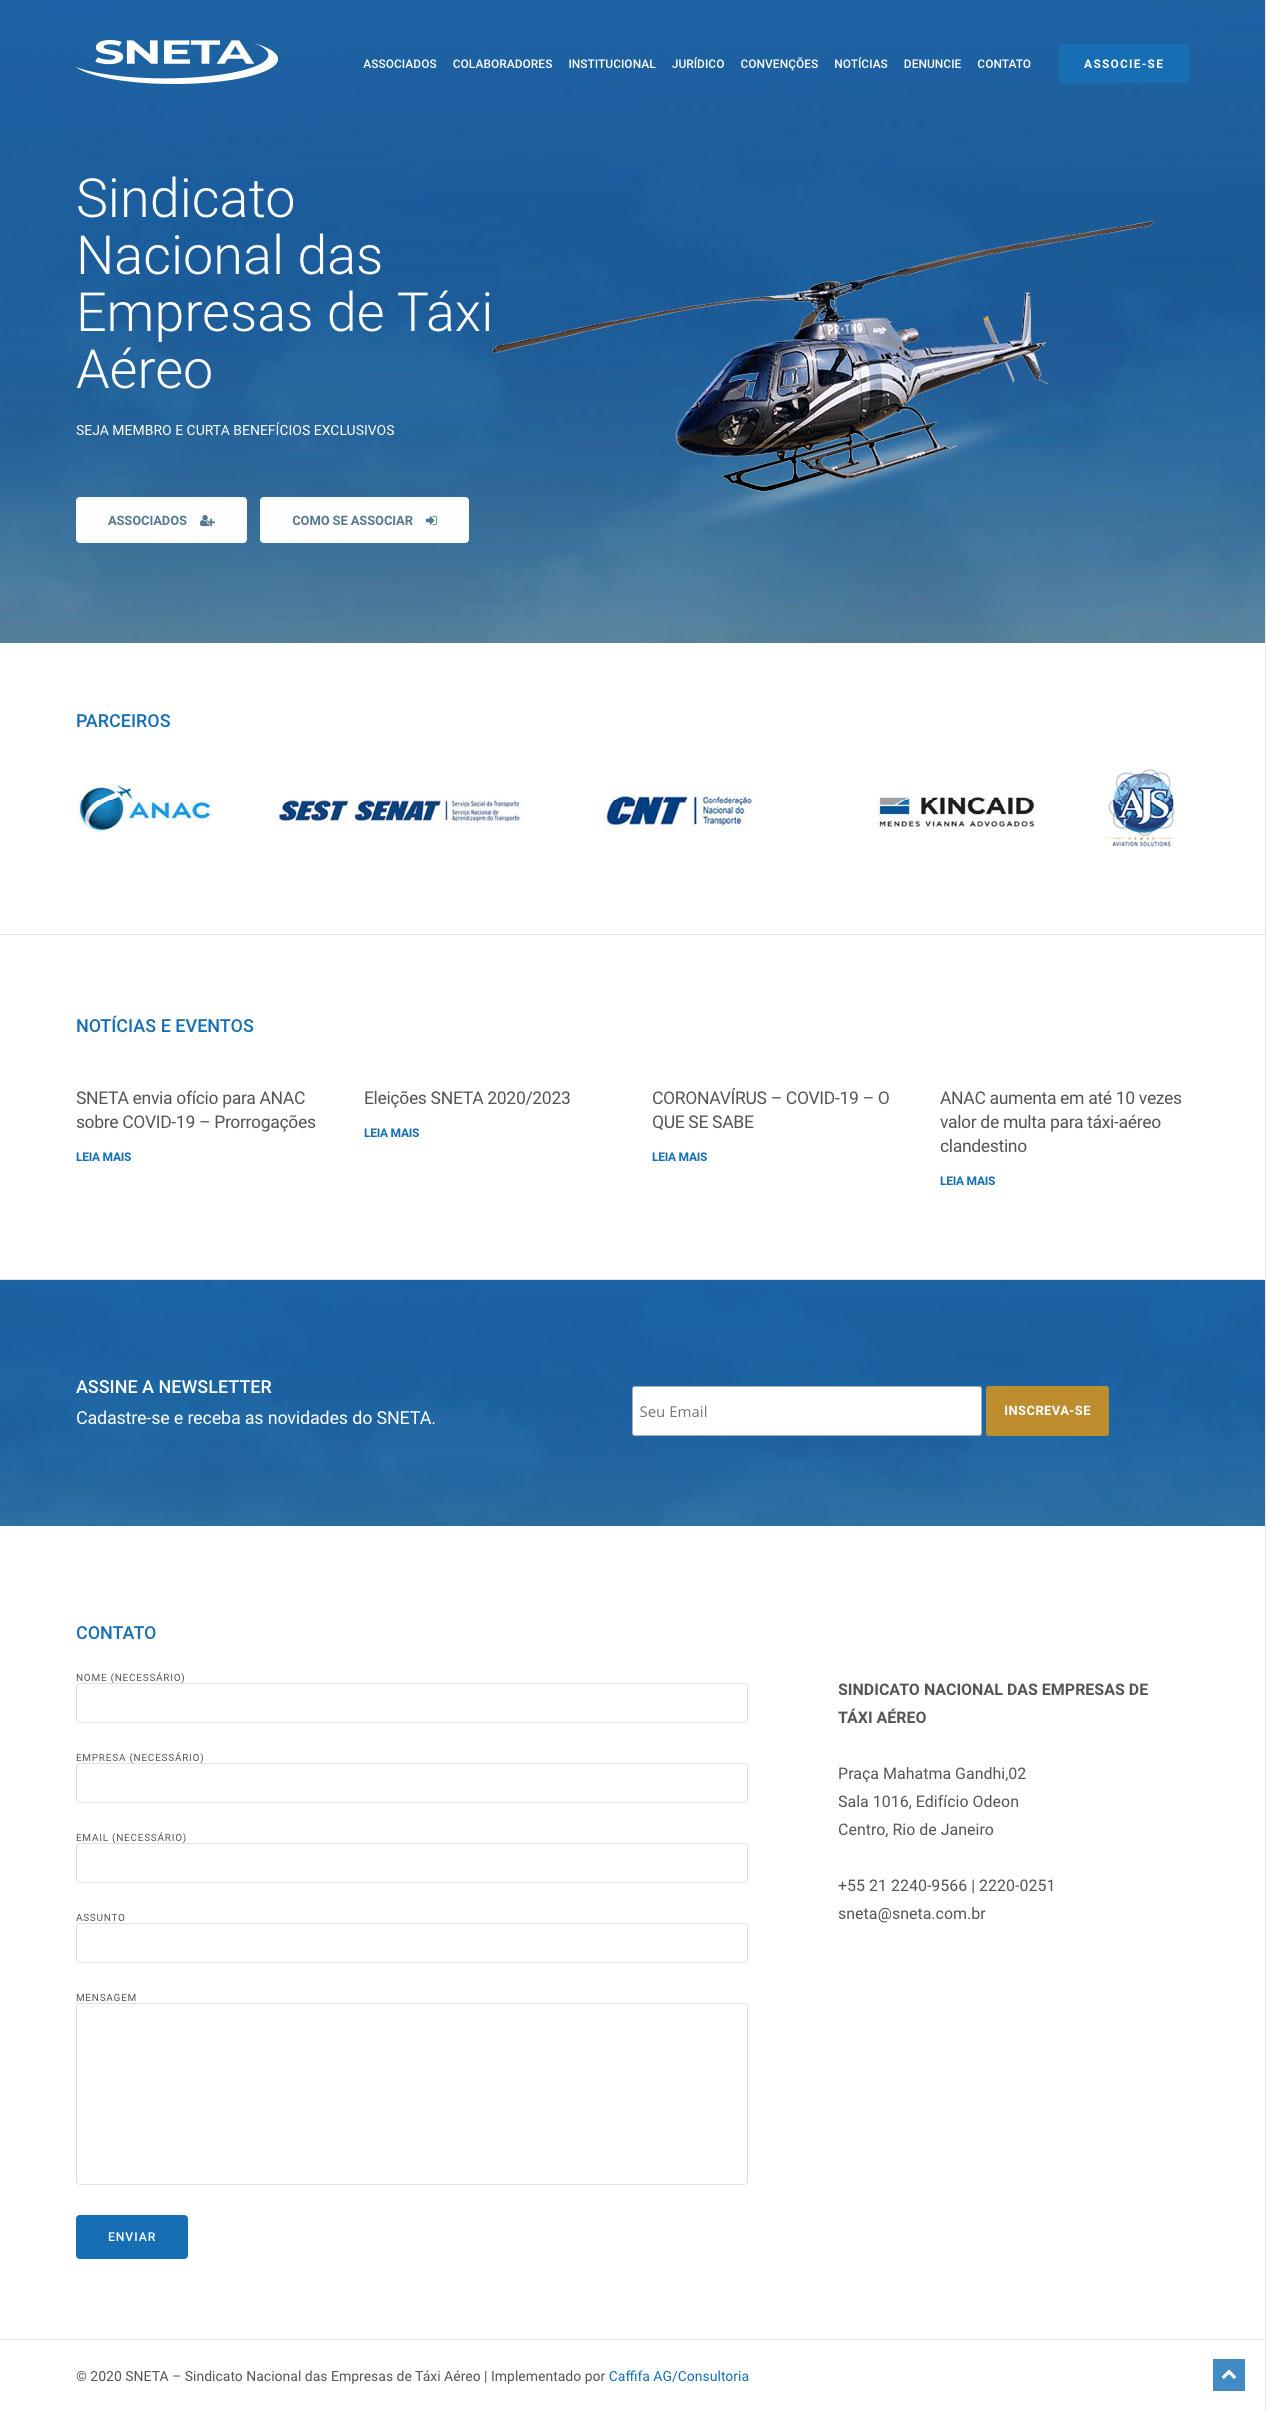 Site do Sindicato Nacional das Empresas de Táxi Aéreo